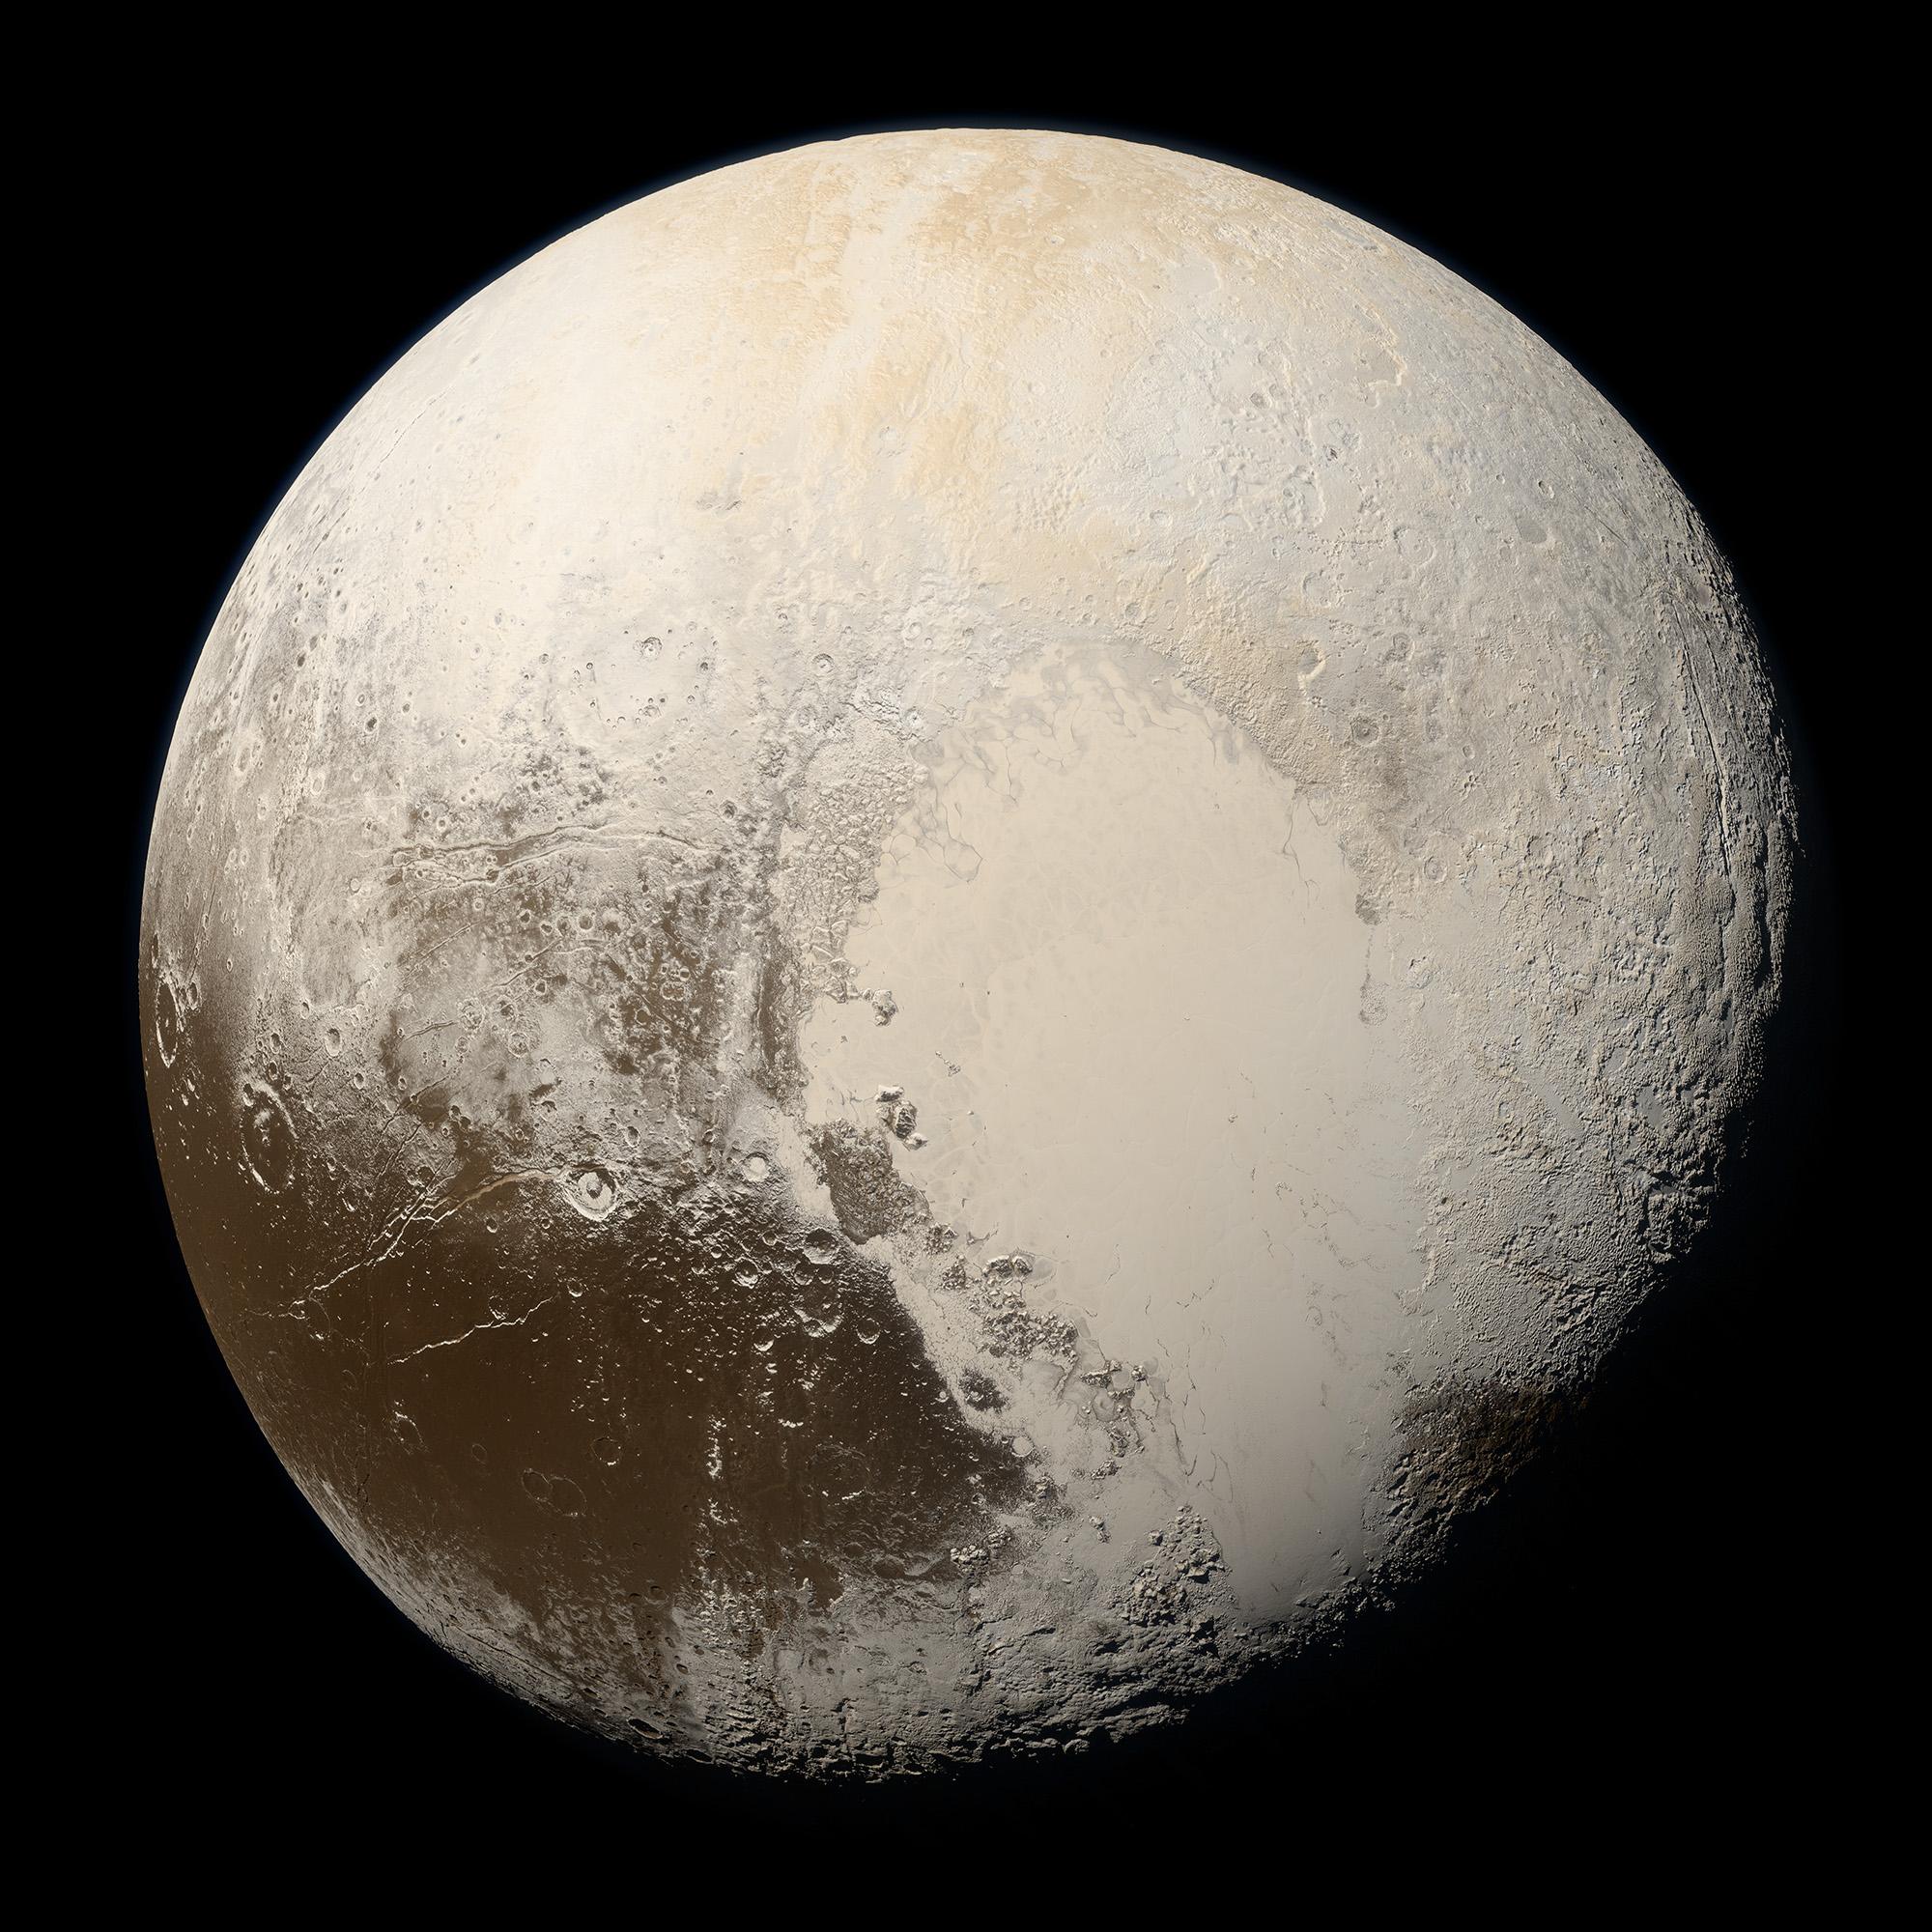 все фото плутона ставится